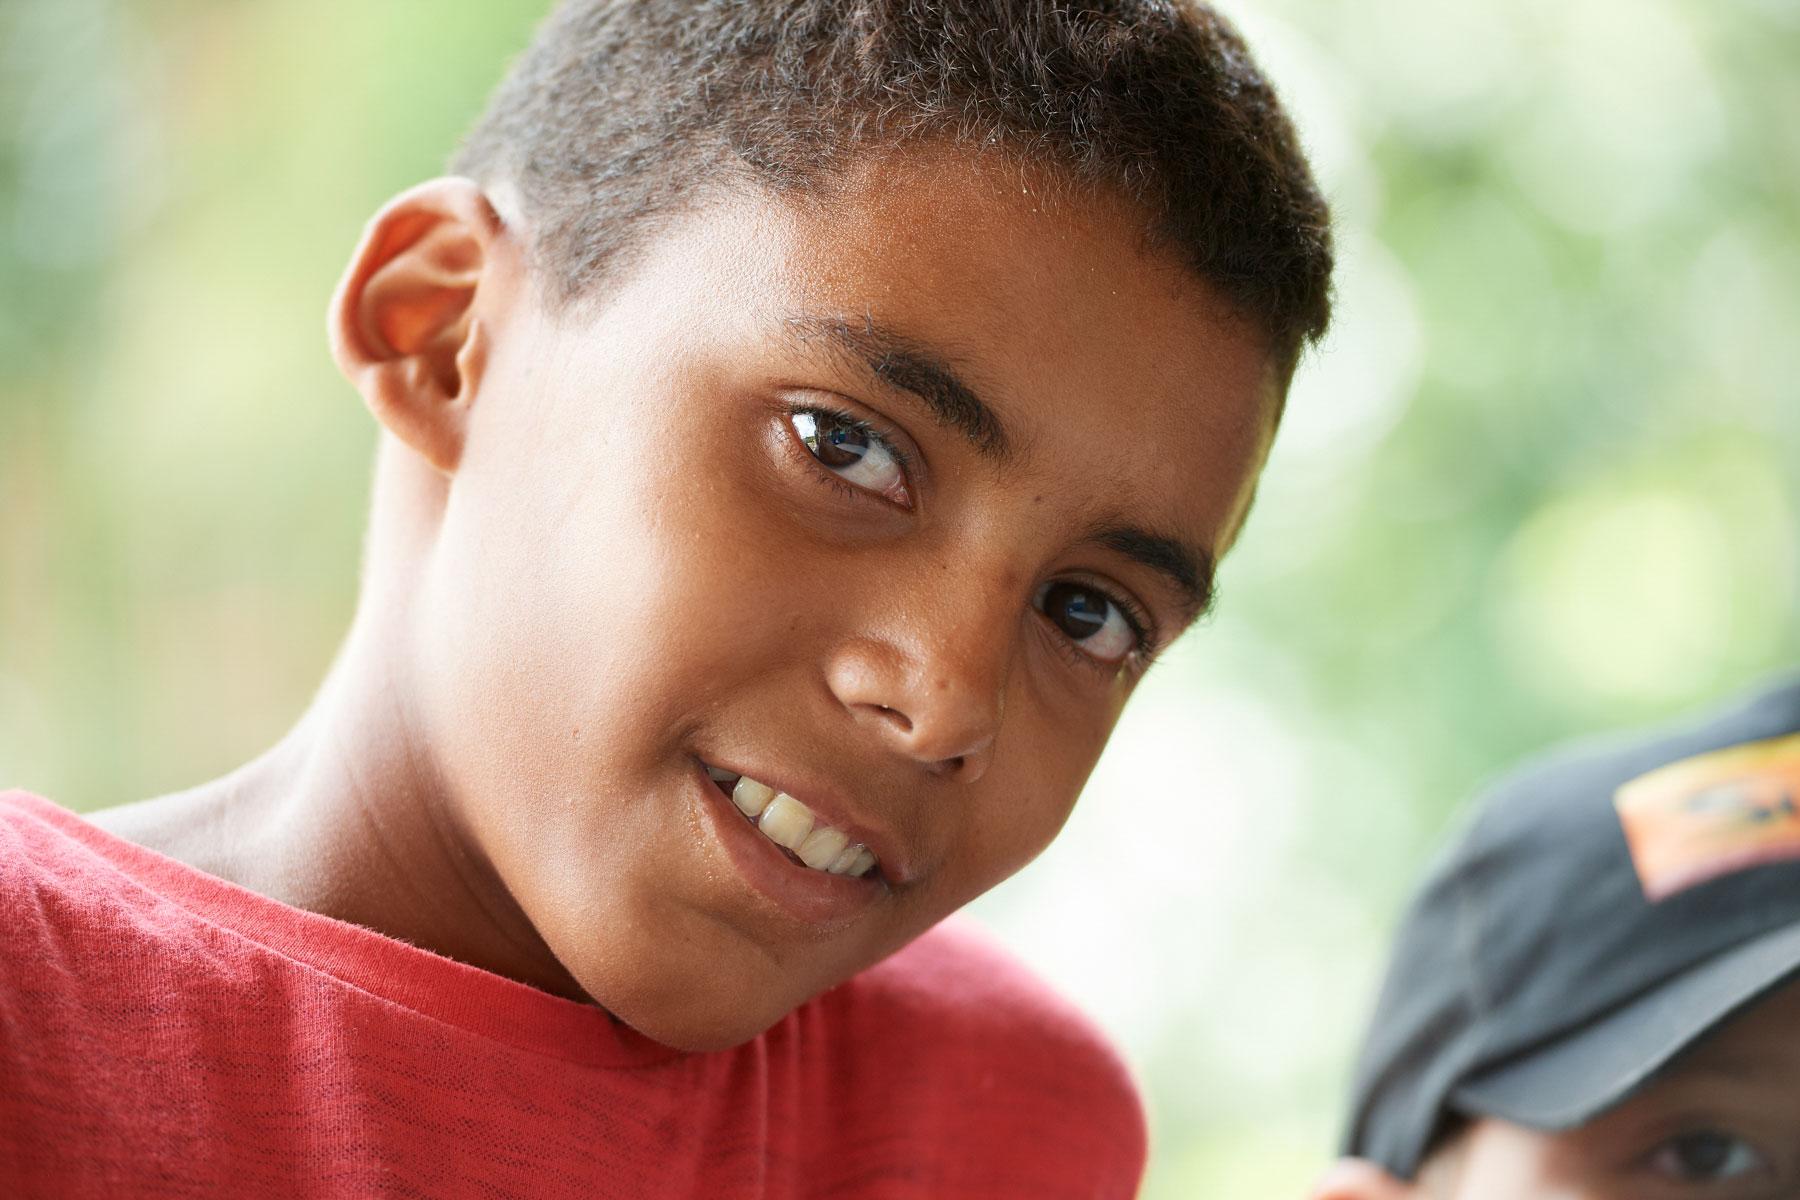 Portrait eines Jungen der freundlich in die Kamera schaut